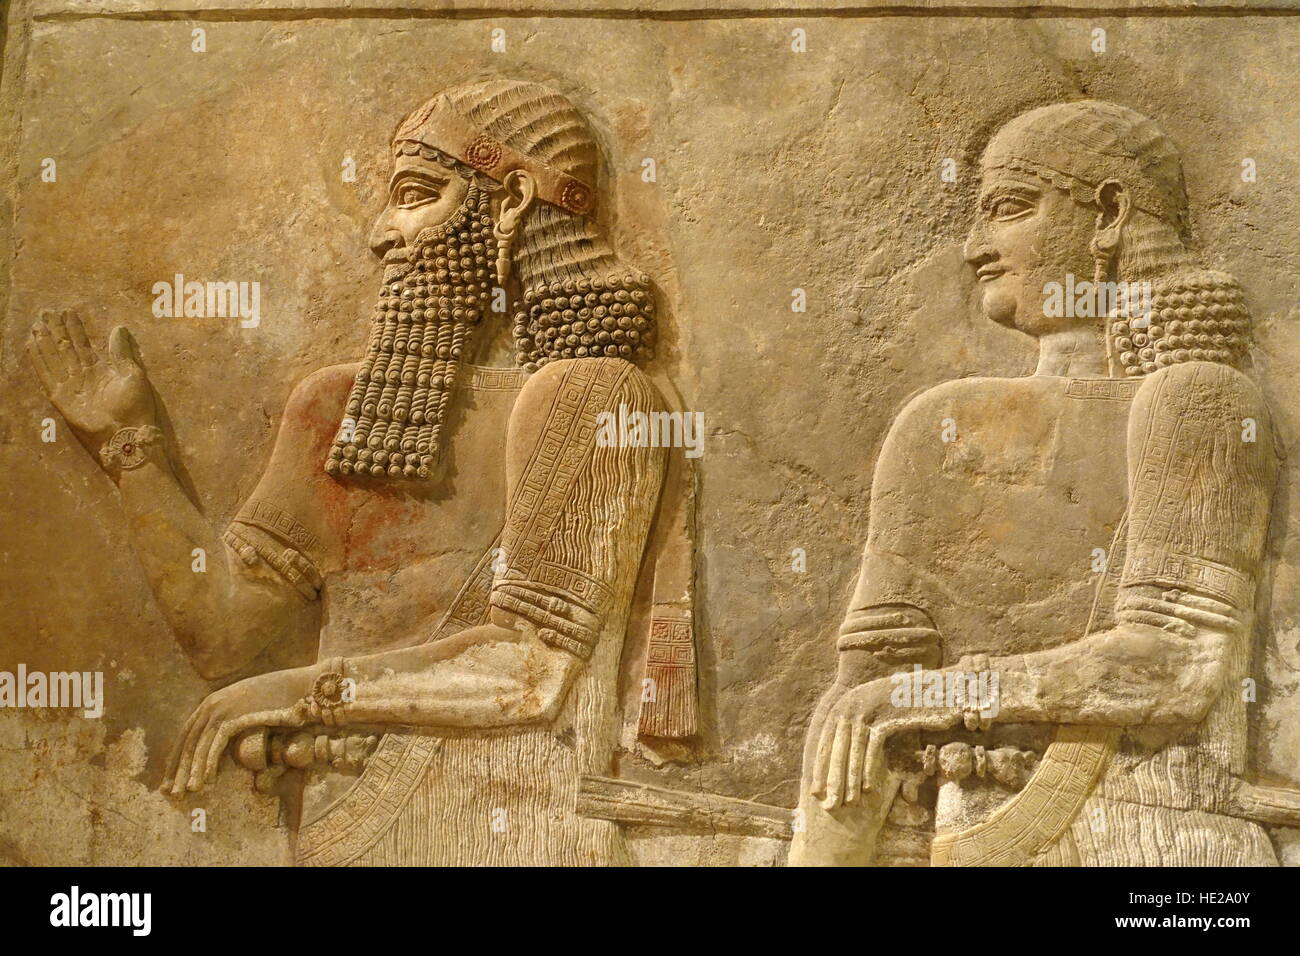 6022. Rey Saragon II con guardia, asiria, c. 716-713 A.C. Alivio de Saragon King's Palace en Khorsabad (Irán) Imagen De Stock